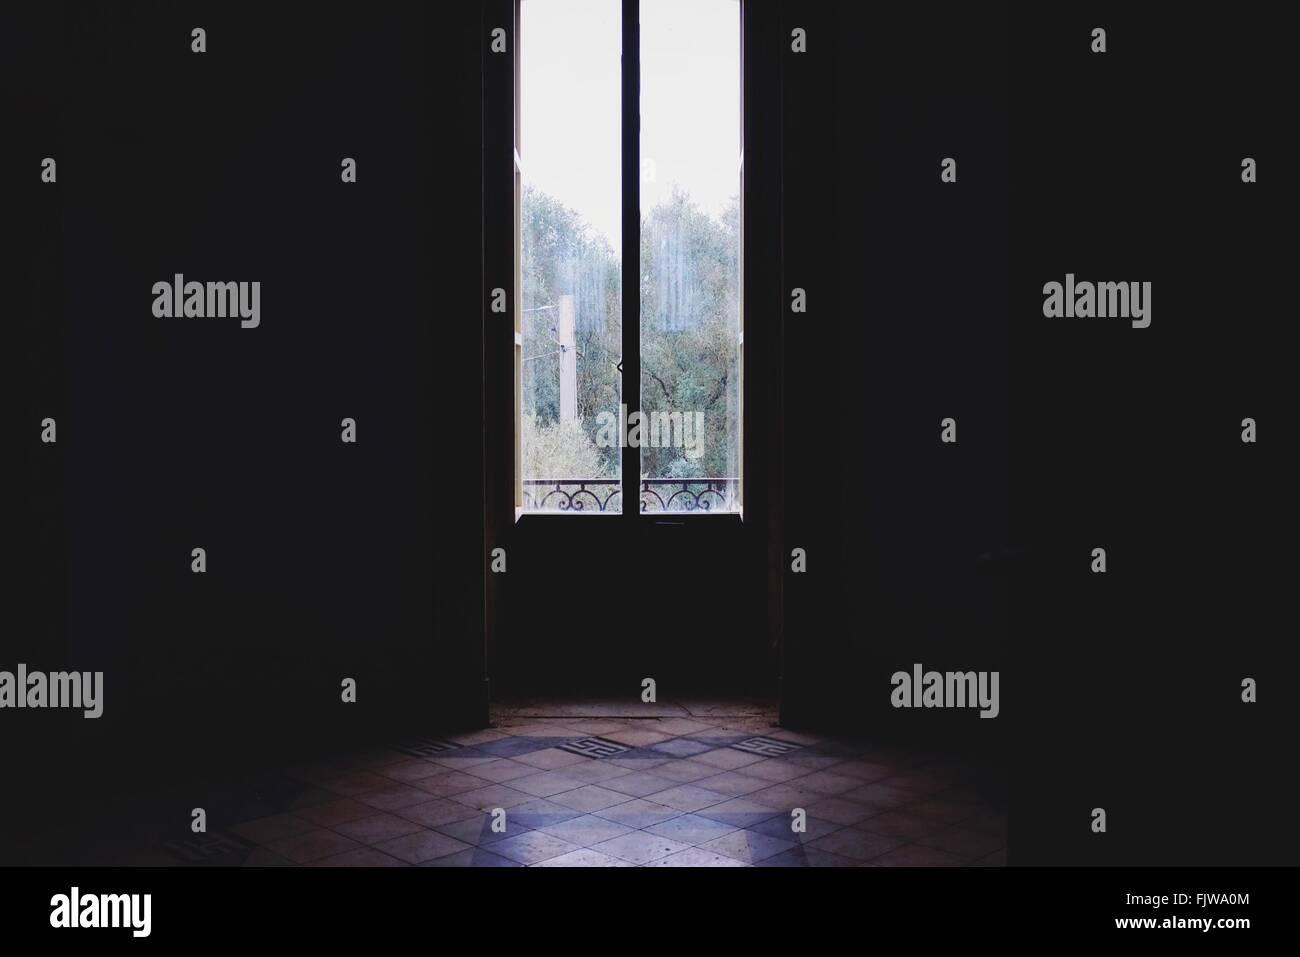 Vide intérieur avec porte en verre fermée Photo Stock